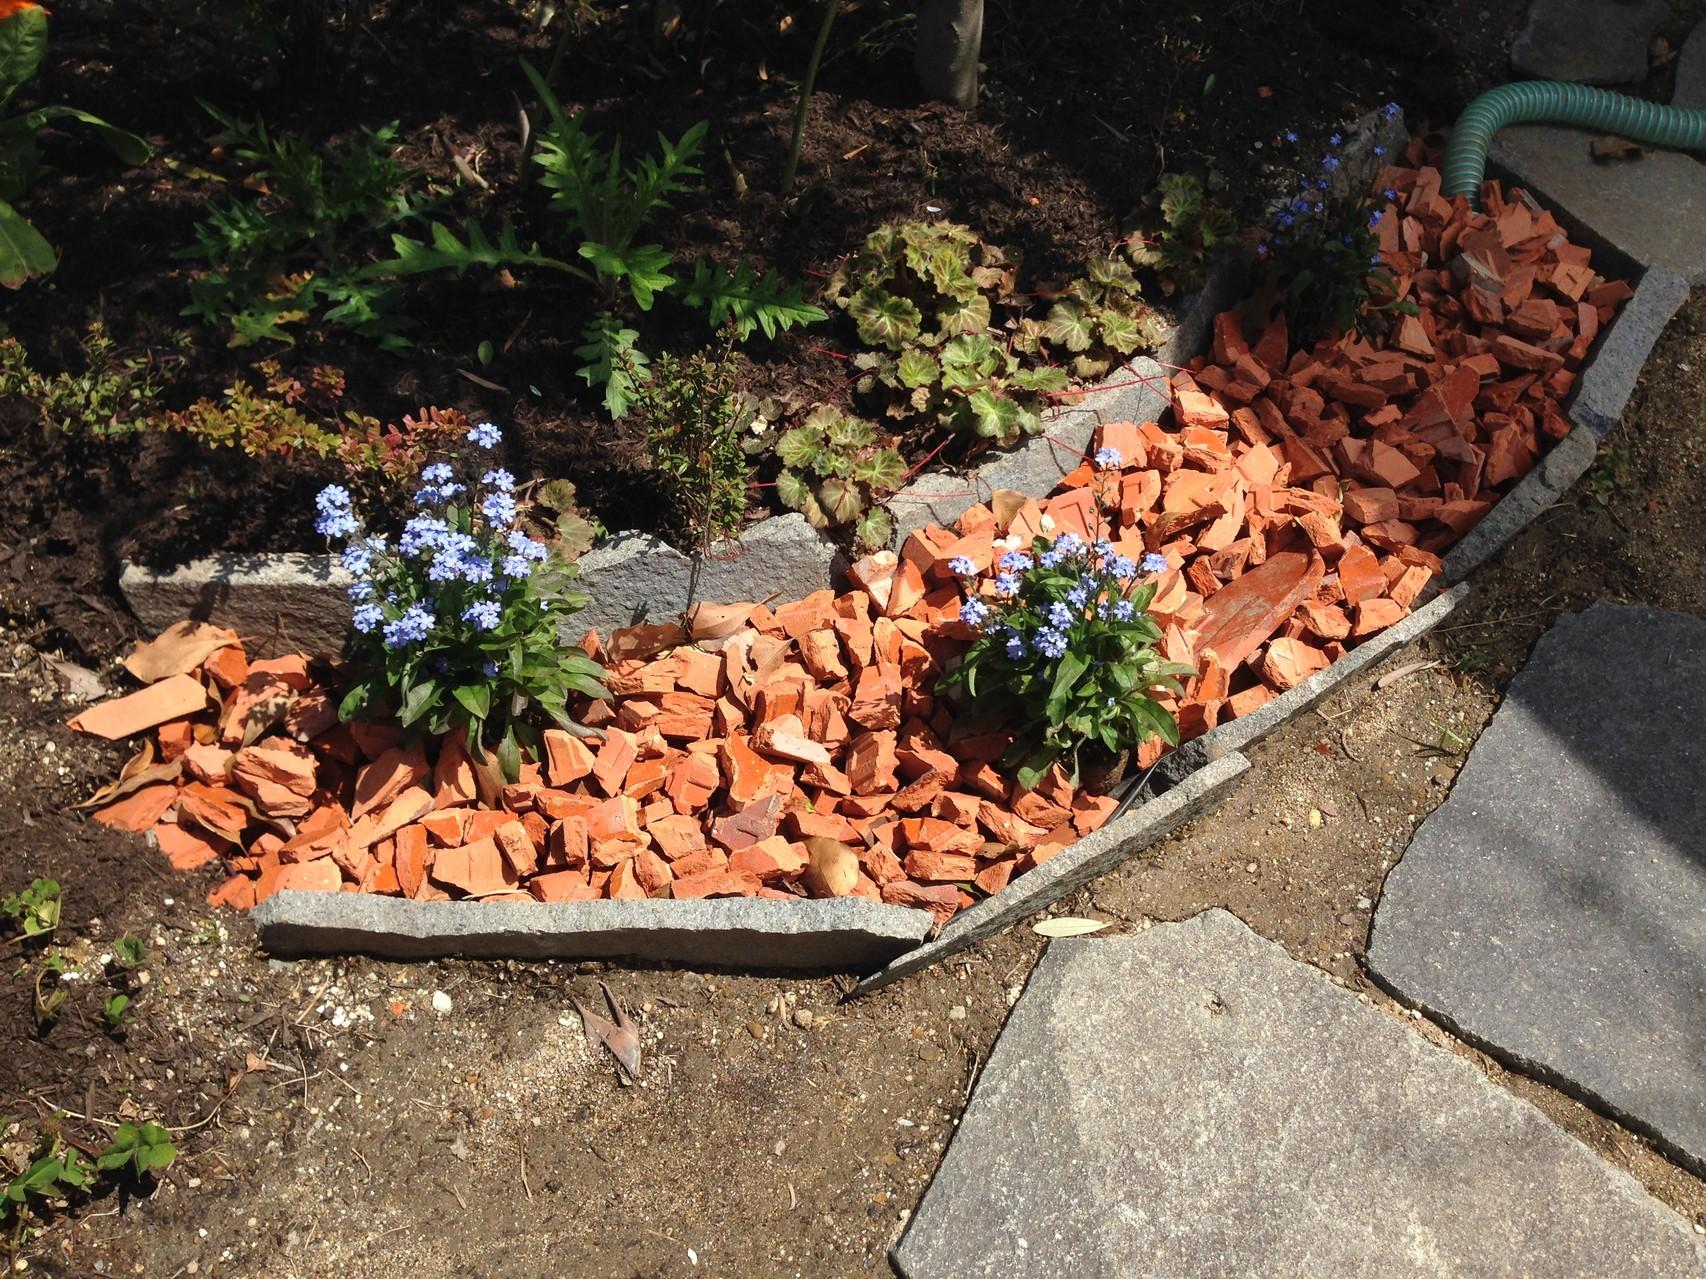 シンクで出た排水は、多孔質な廃レンガで微生物のえさ、植物の栄養になります。下水に流すなんてもったいない!!